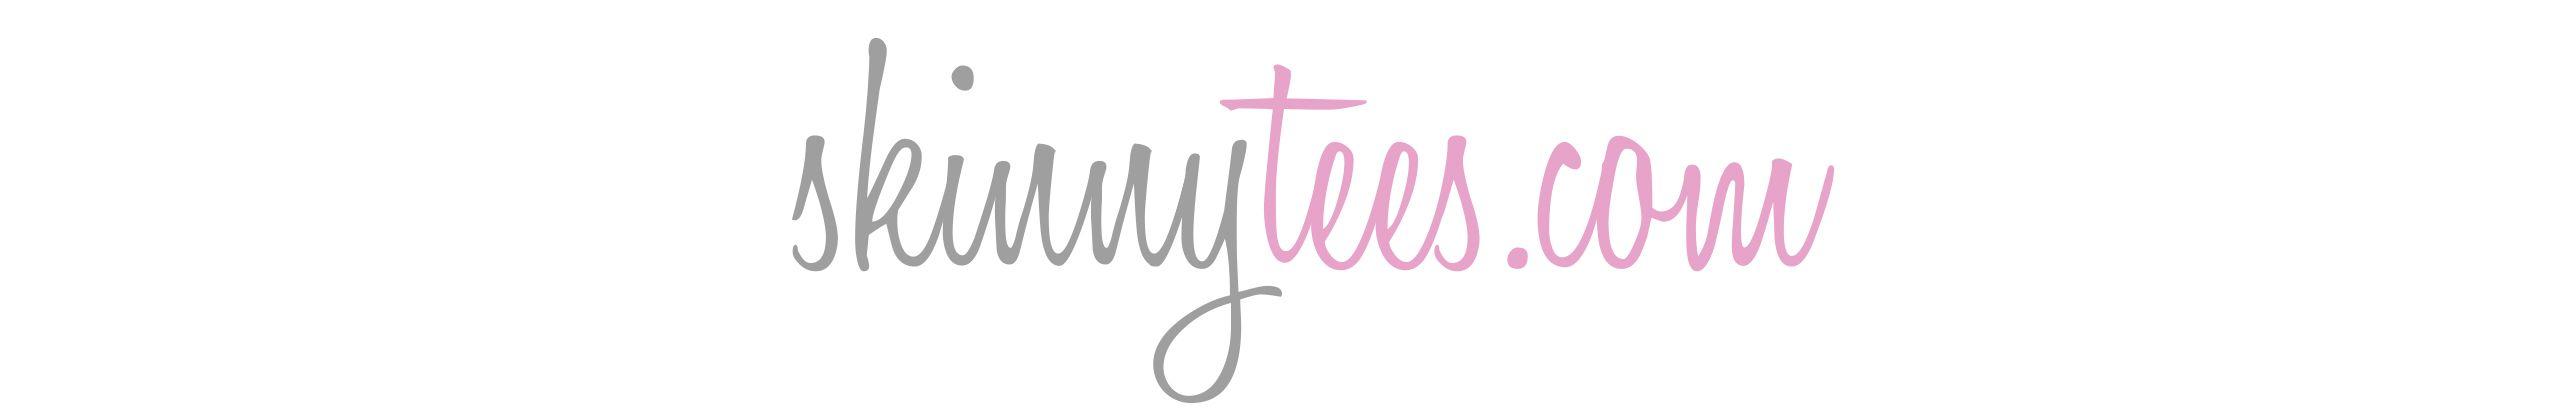 skinnytees-header